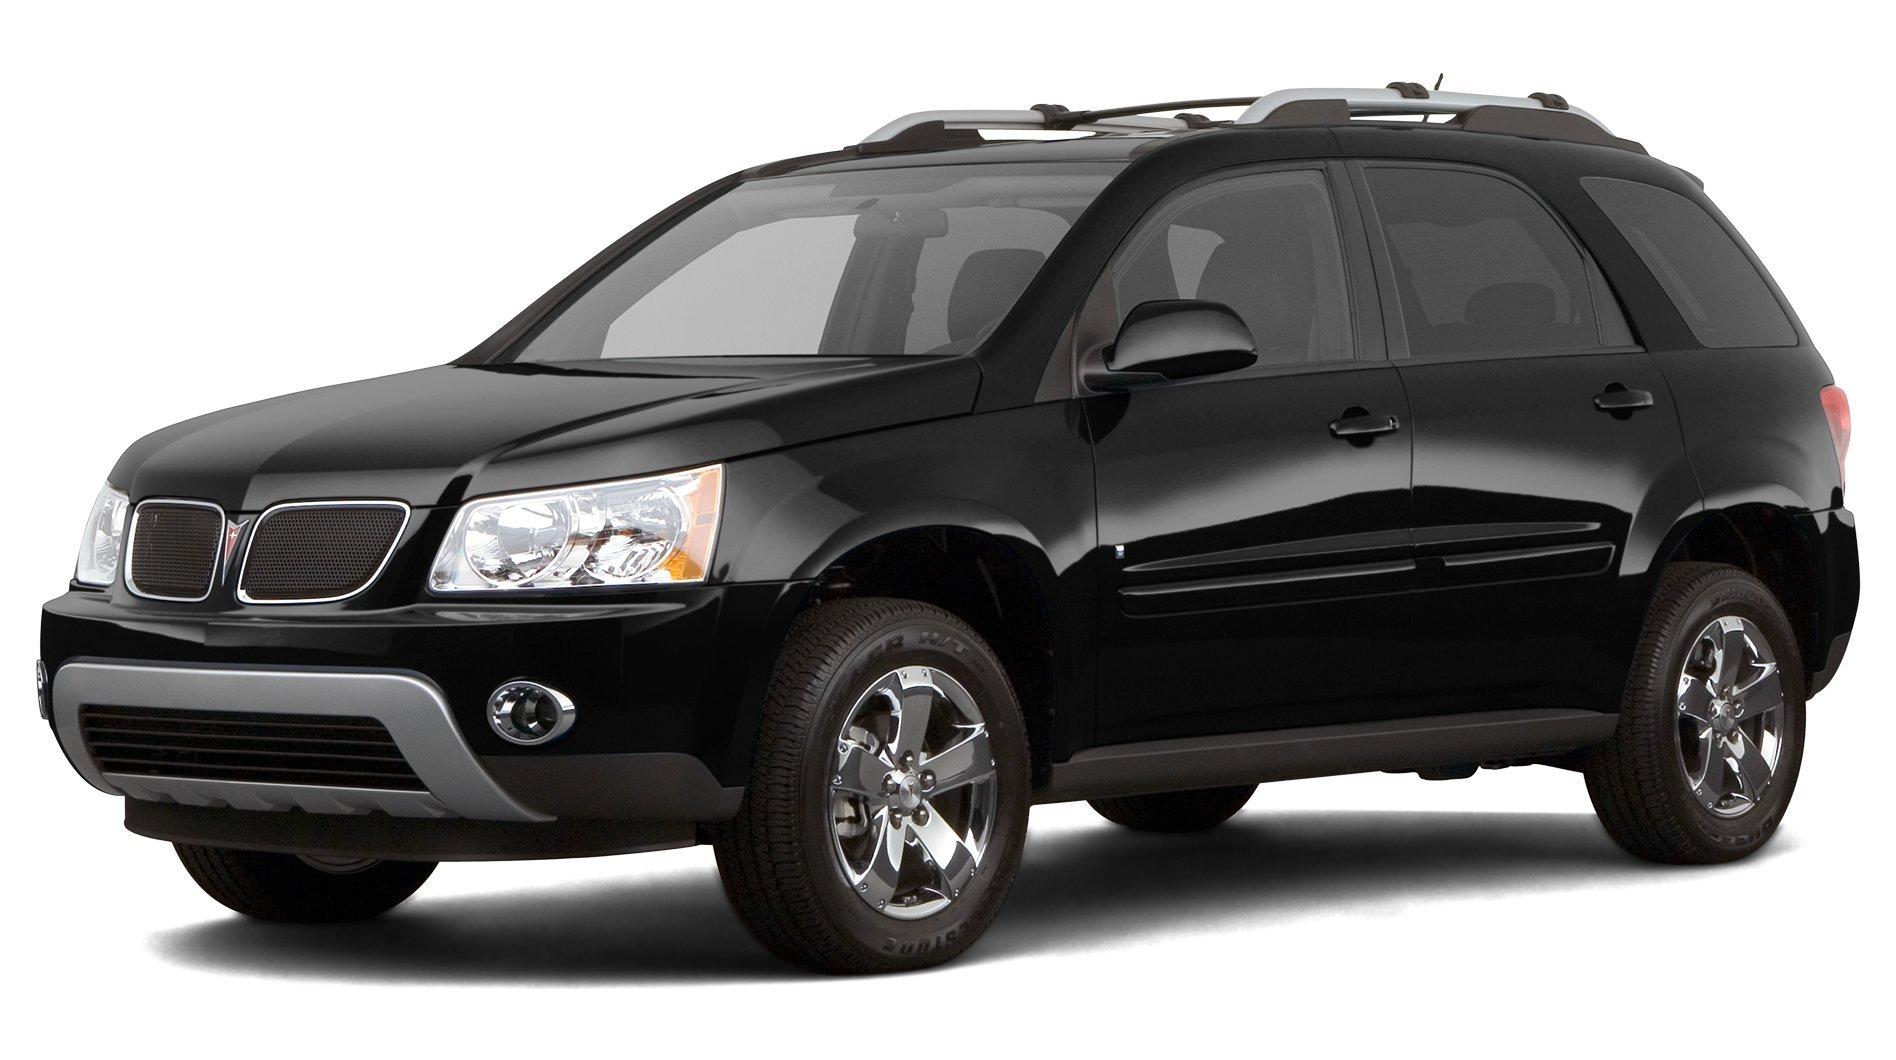 ... 2007 Pontiac Torrent, All Wheel Drive 4-Door ...